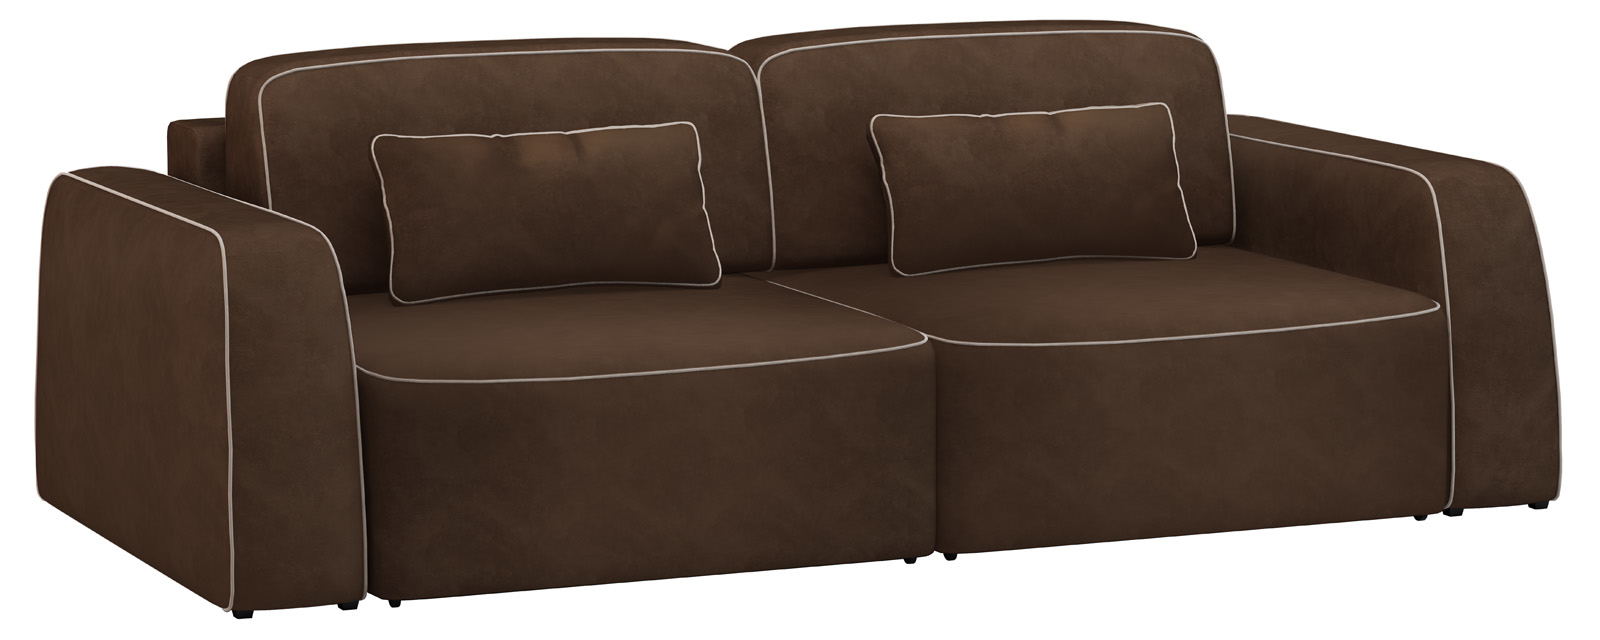 Модульный диван Портленд 200 см Вариант №3 Velure темно-коричневый/бежевый (Велюр) от HomeMe.ru